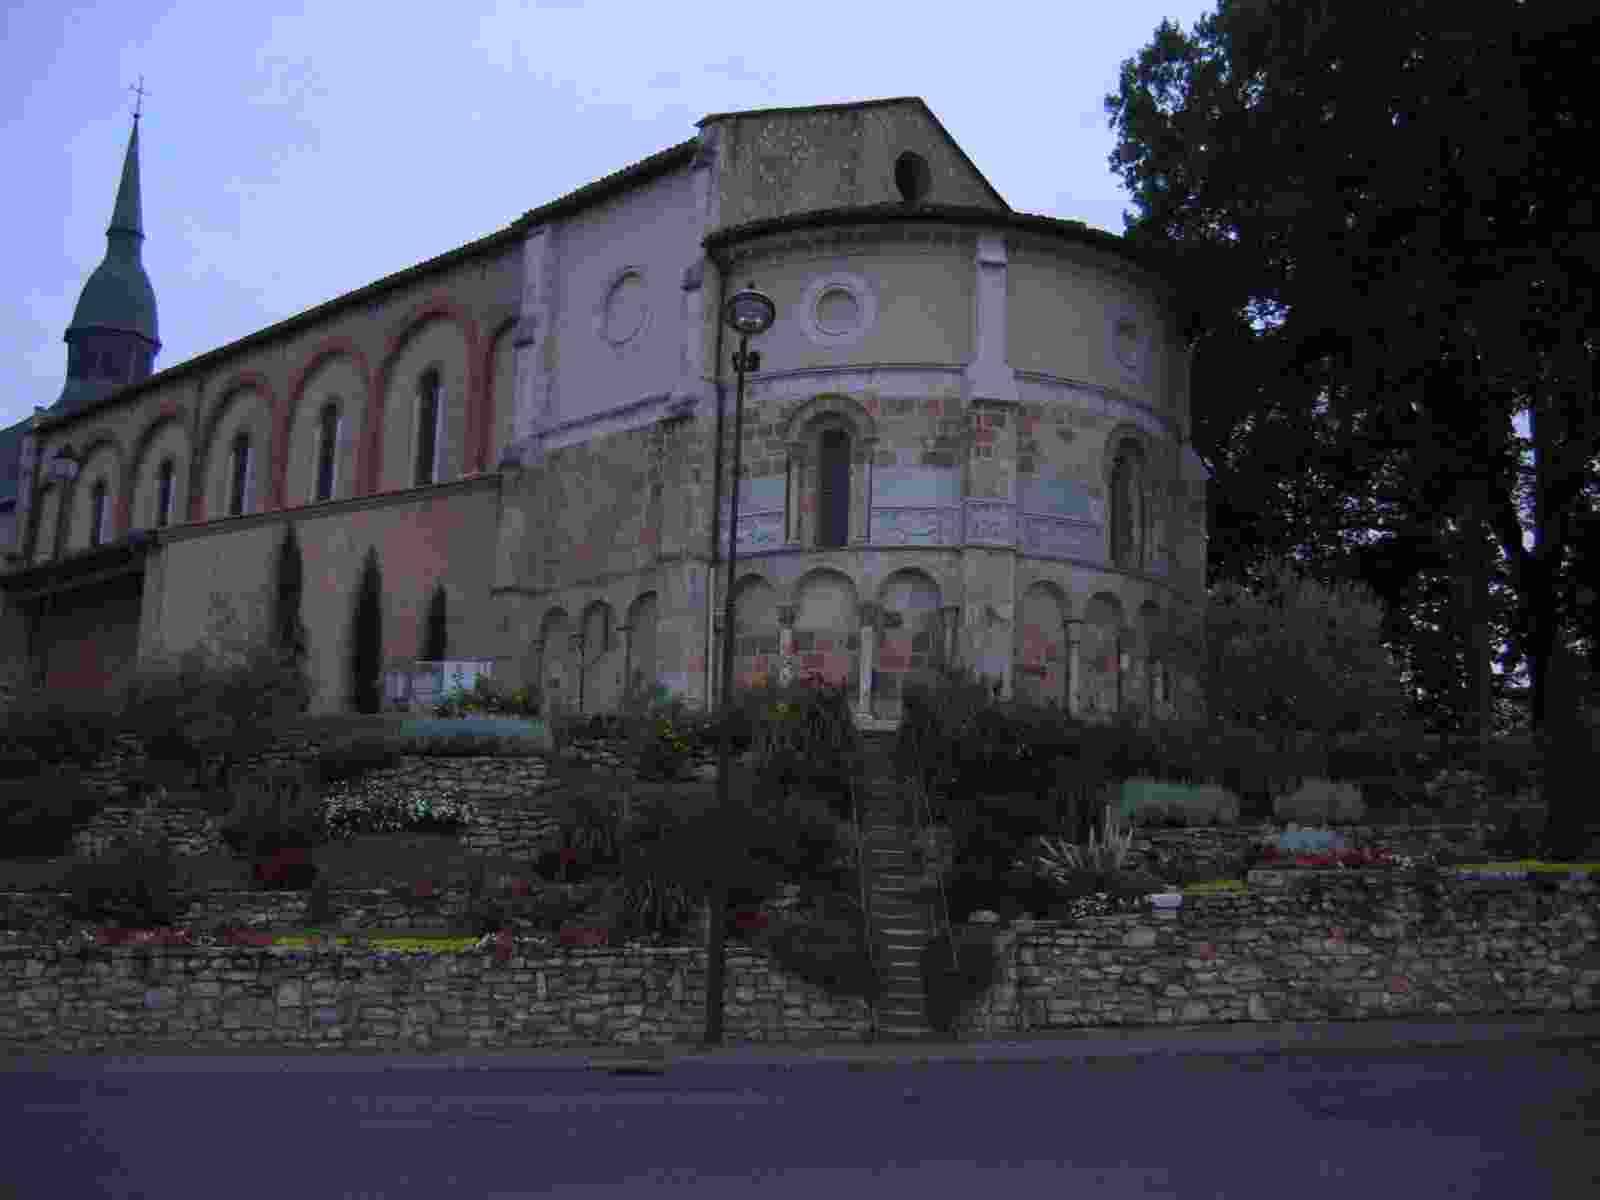 die romanische Apsis der Kirche in St Paul les Dax